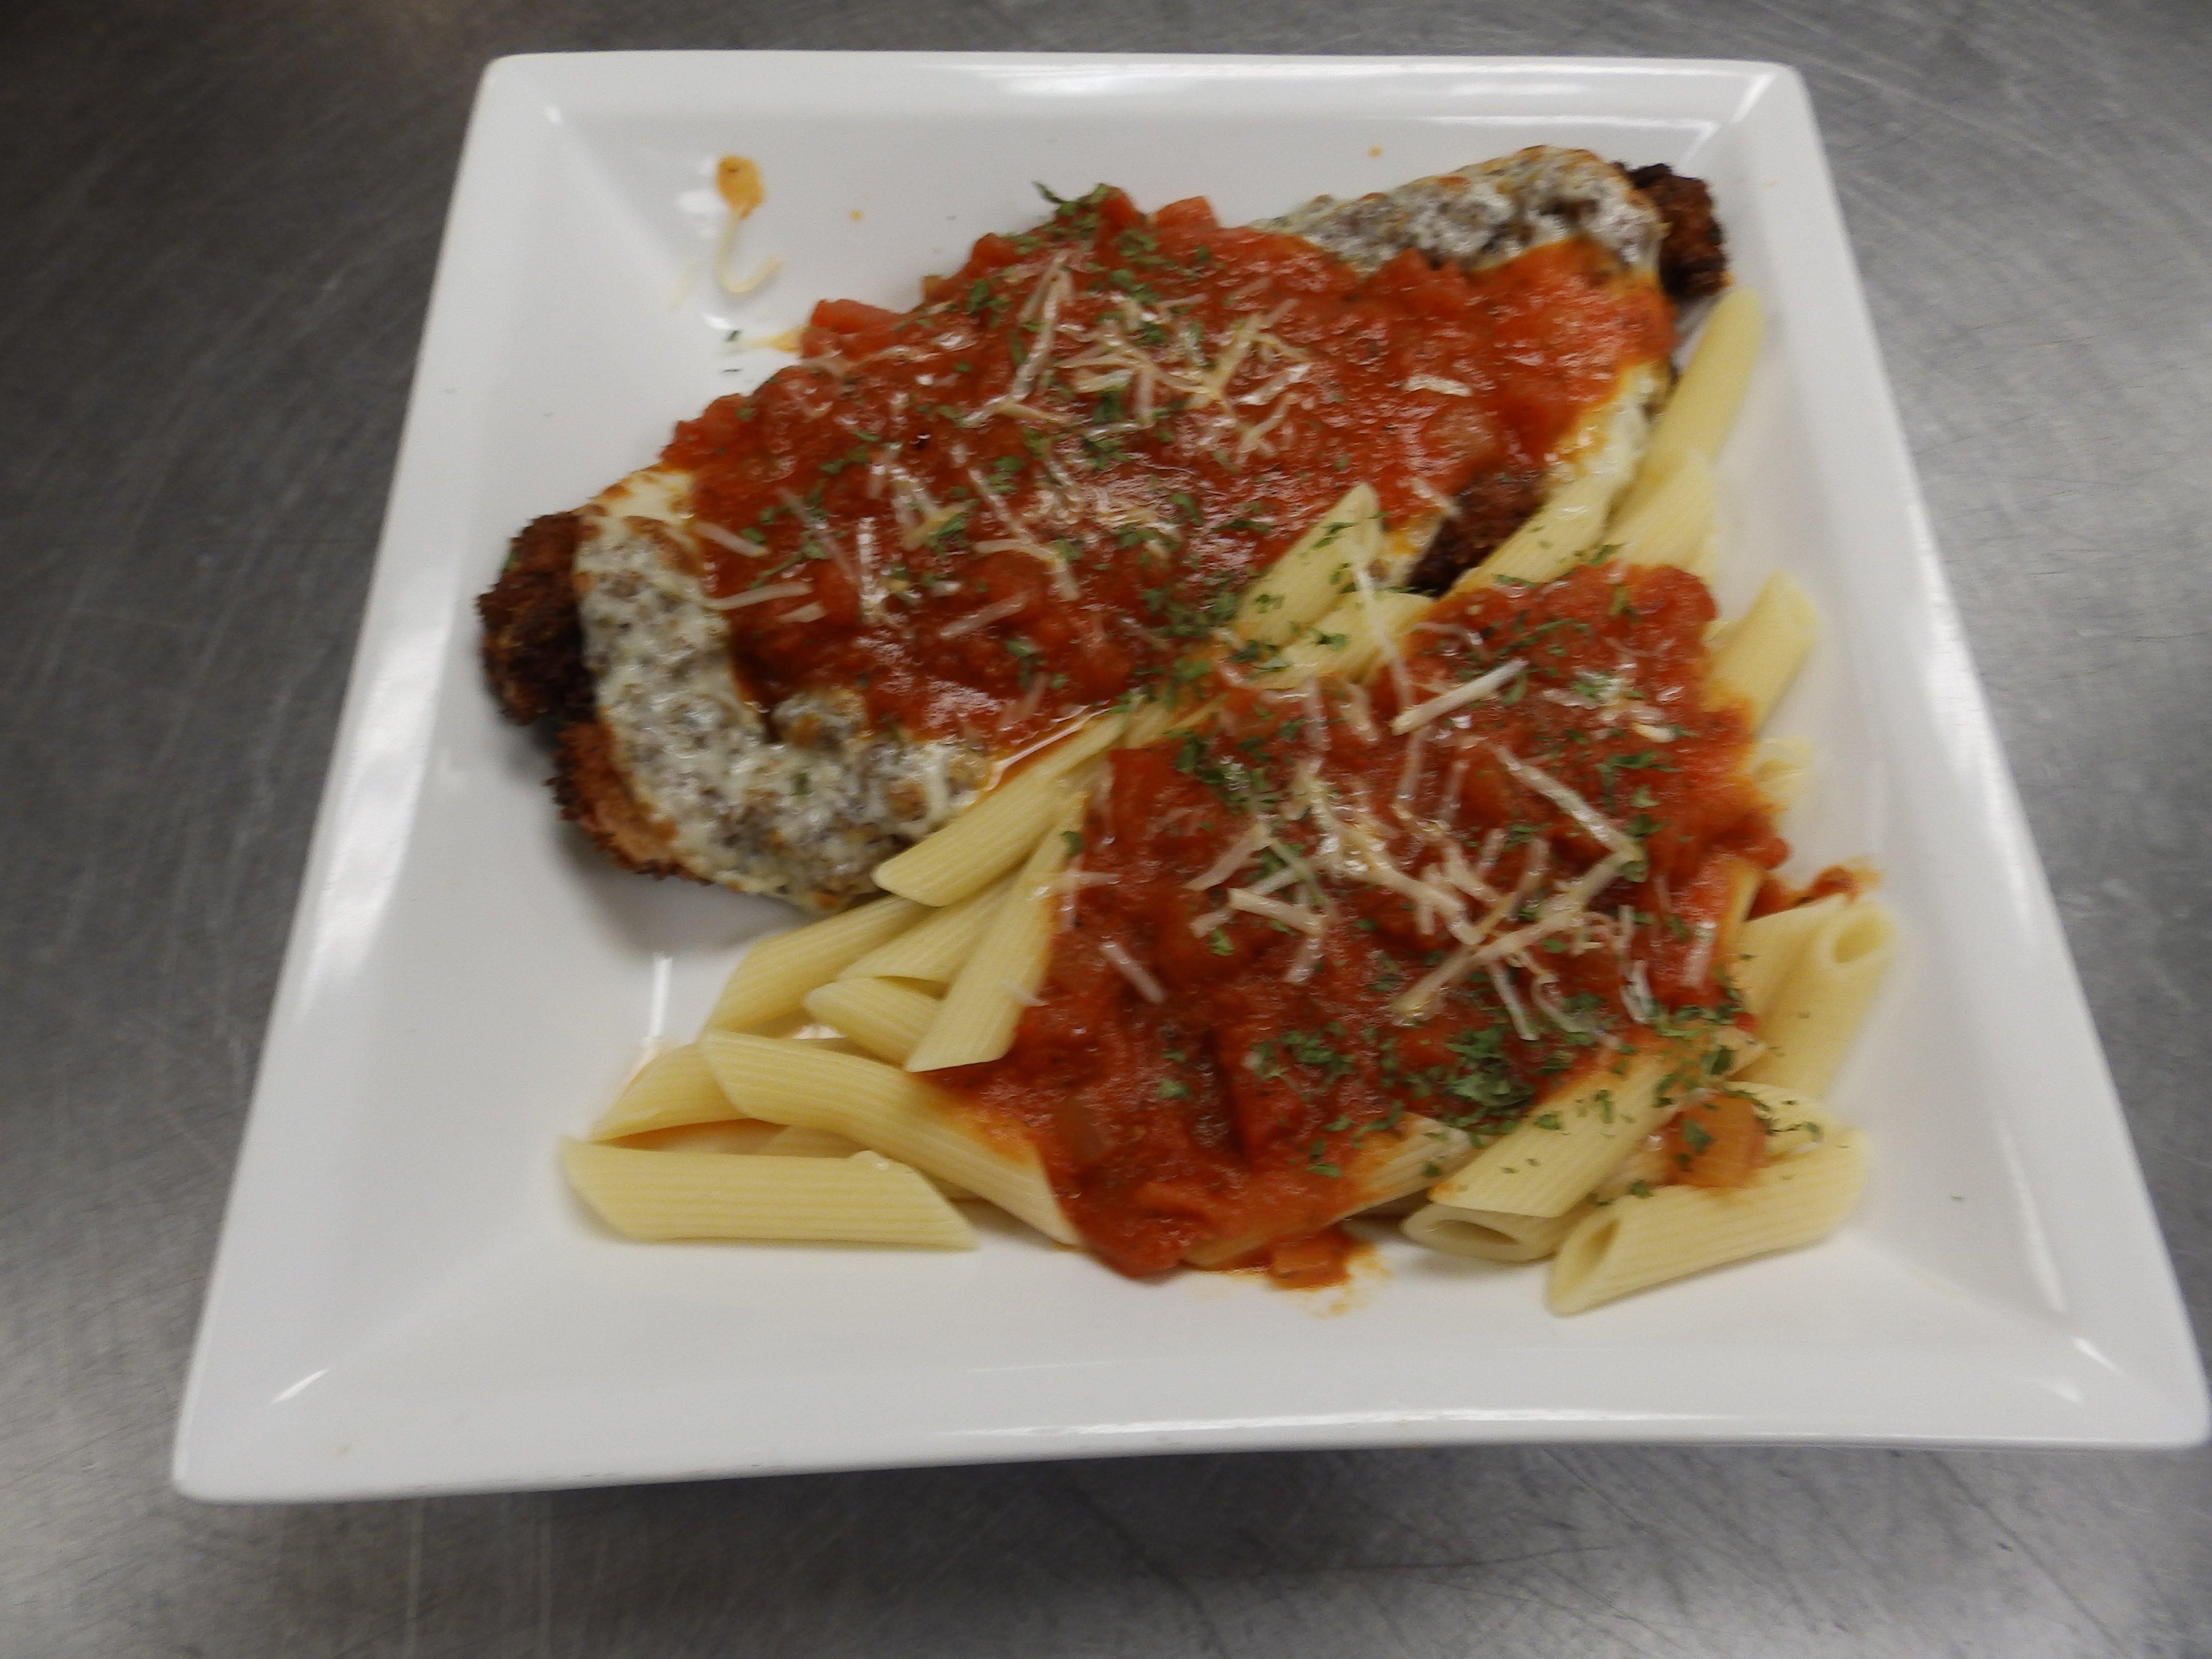 Charlmont Restaurant's chicken parmigiana